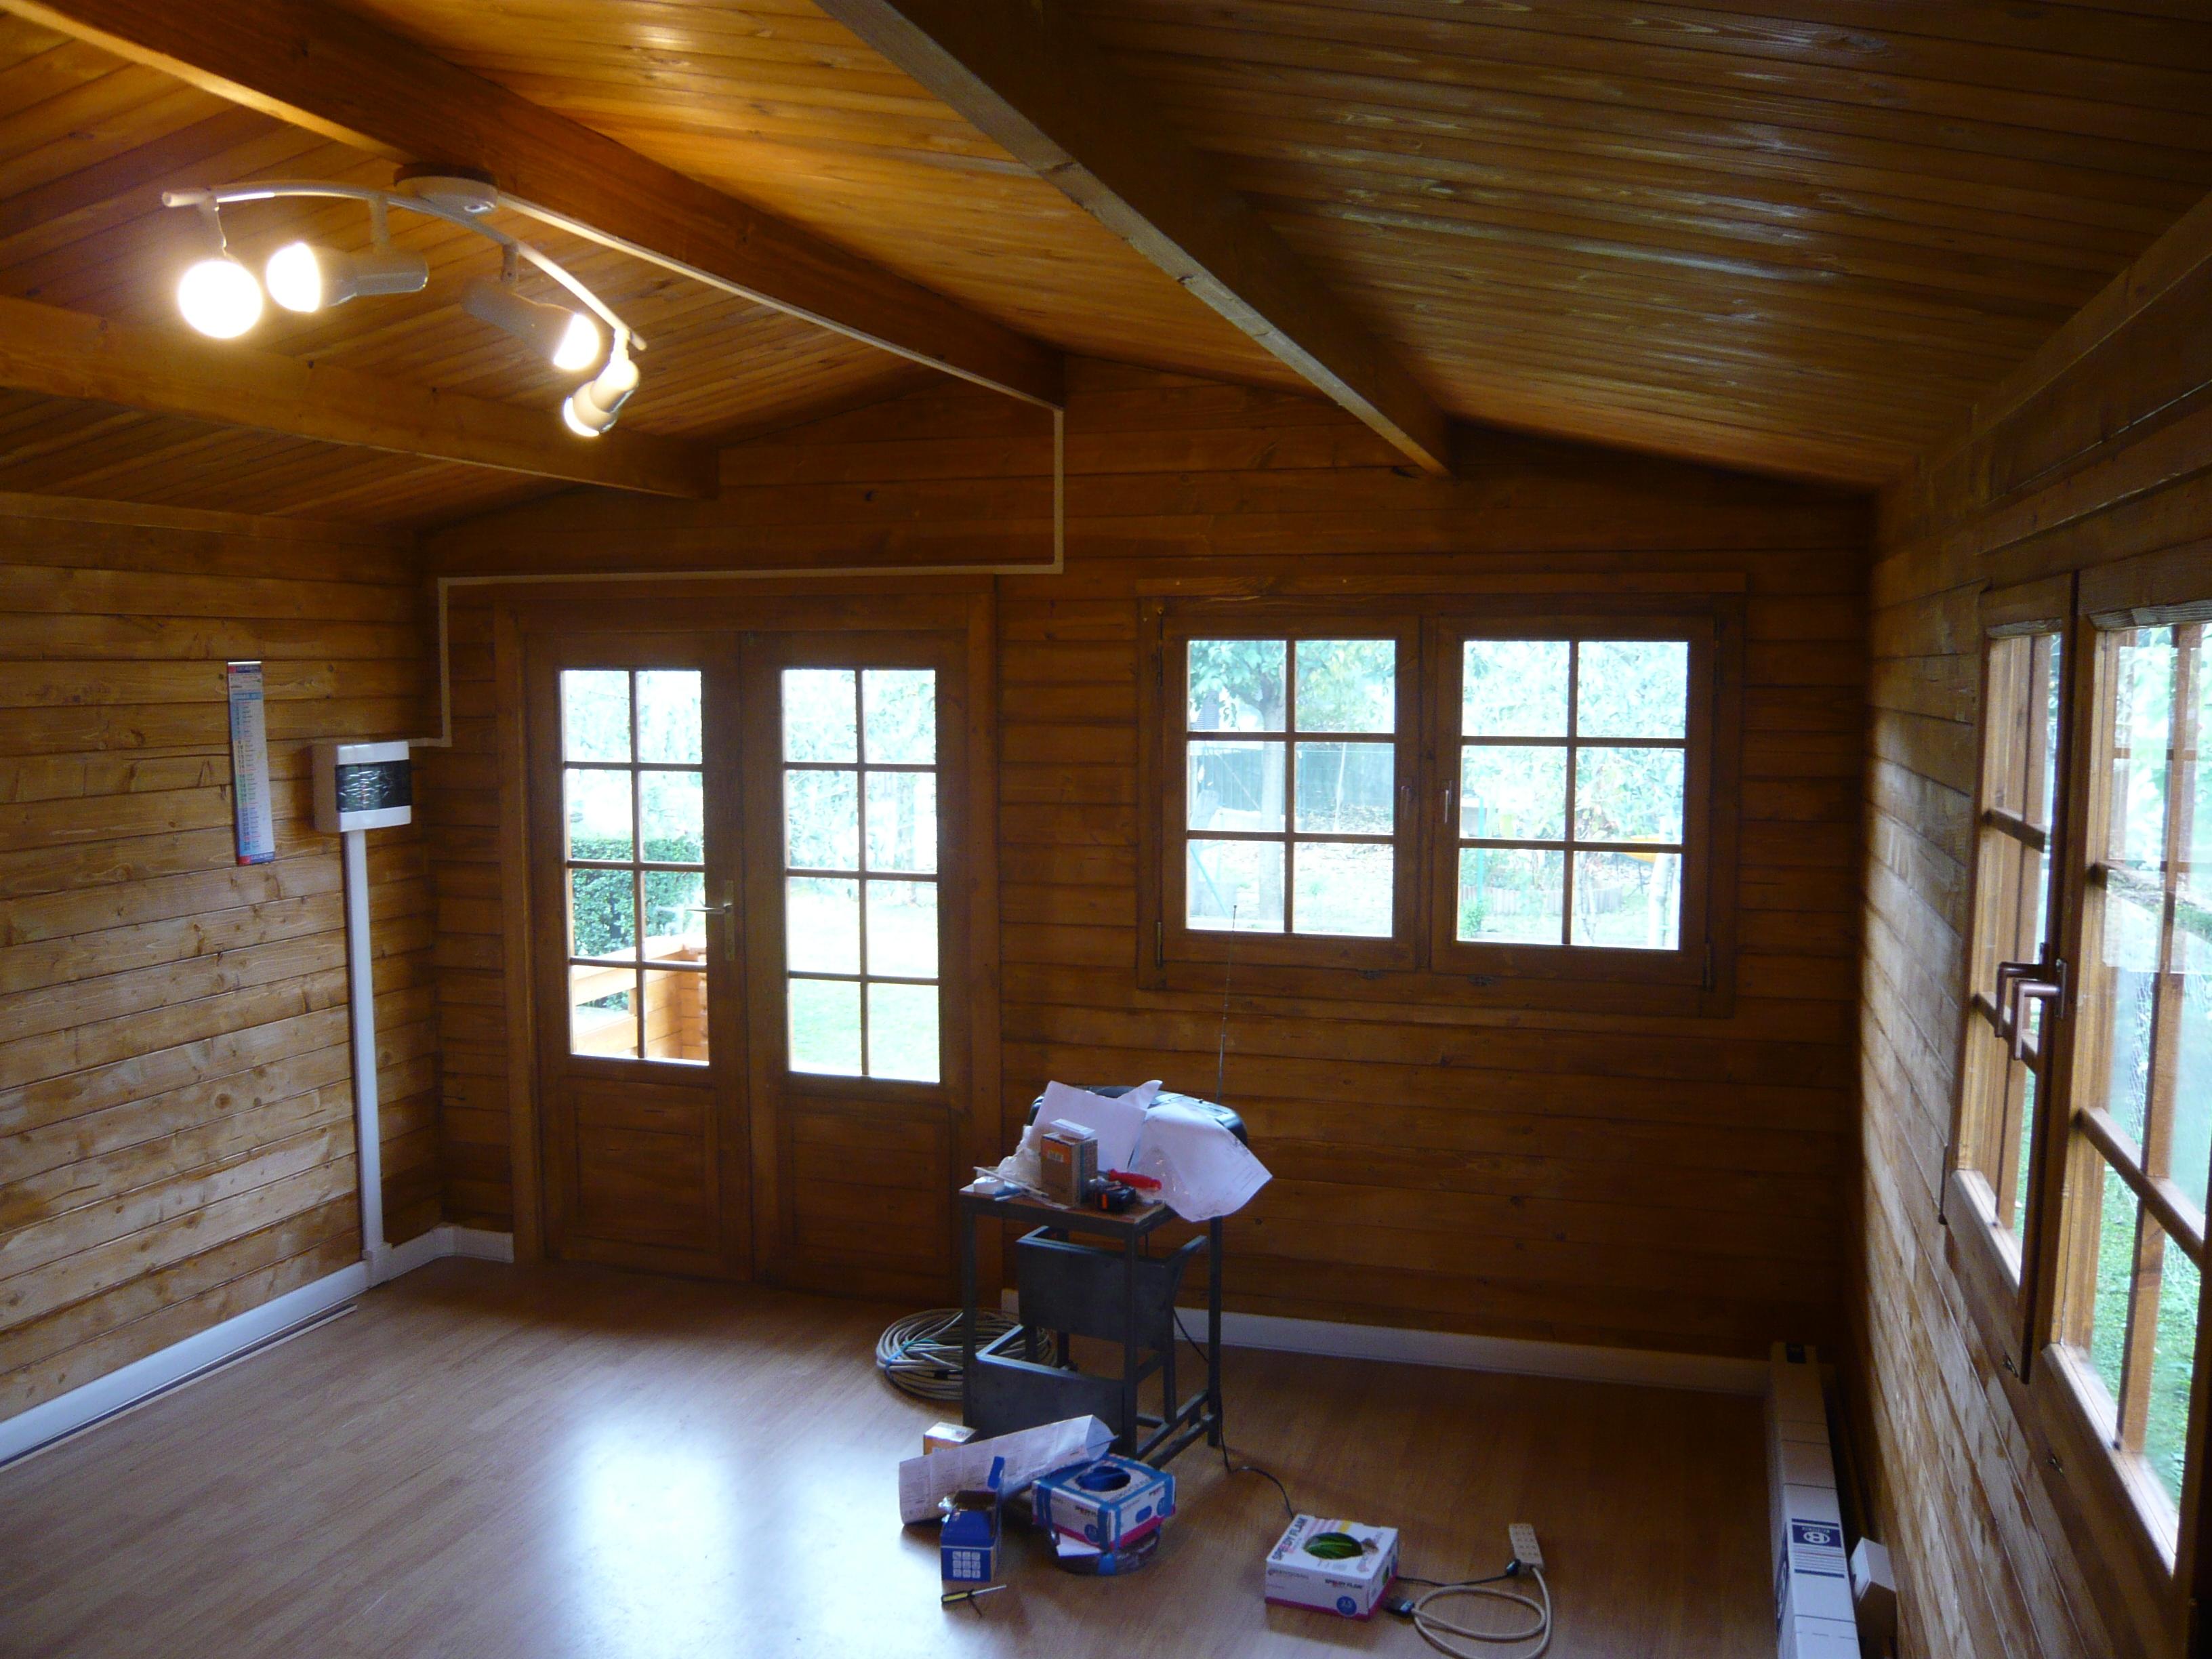 Super case di legno interni yq15 pineglen for Interni di case in legno contemporanee